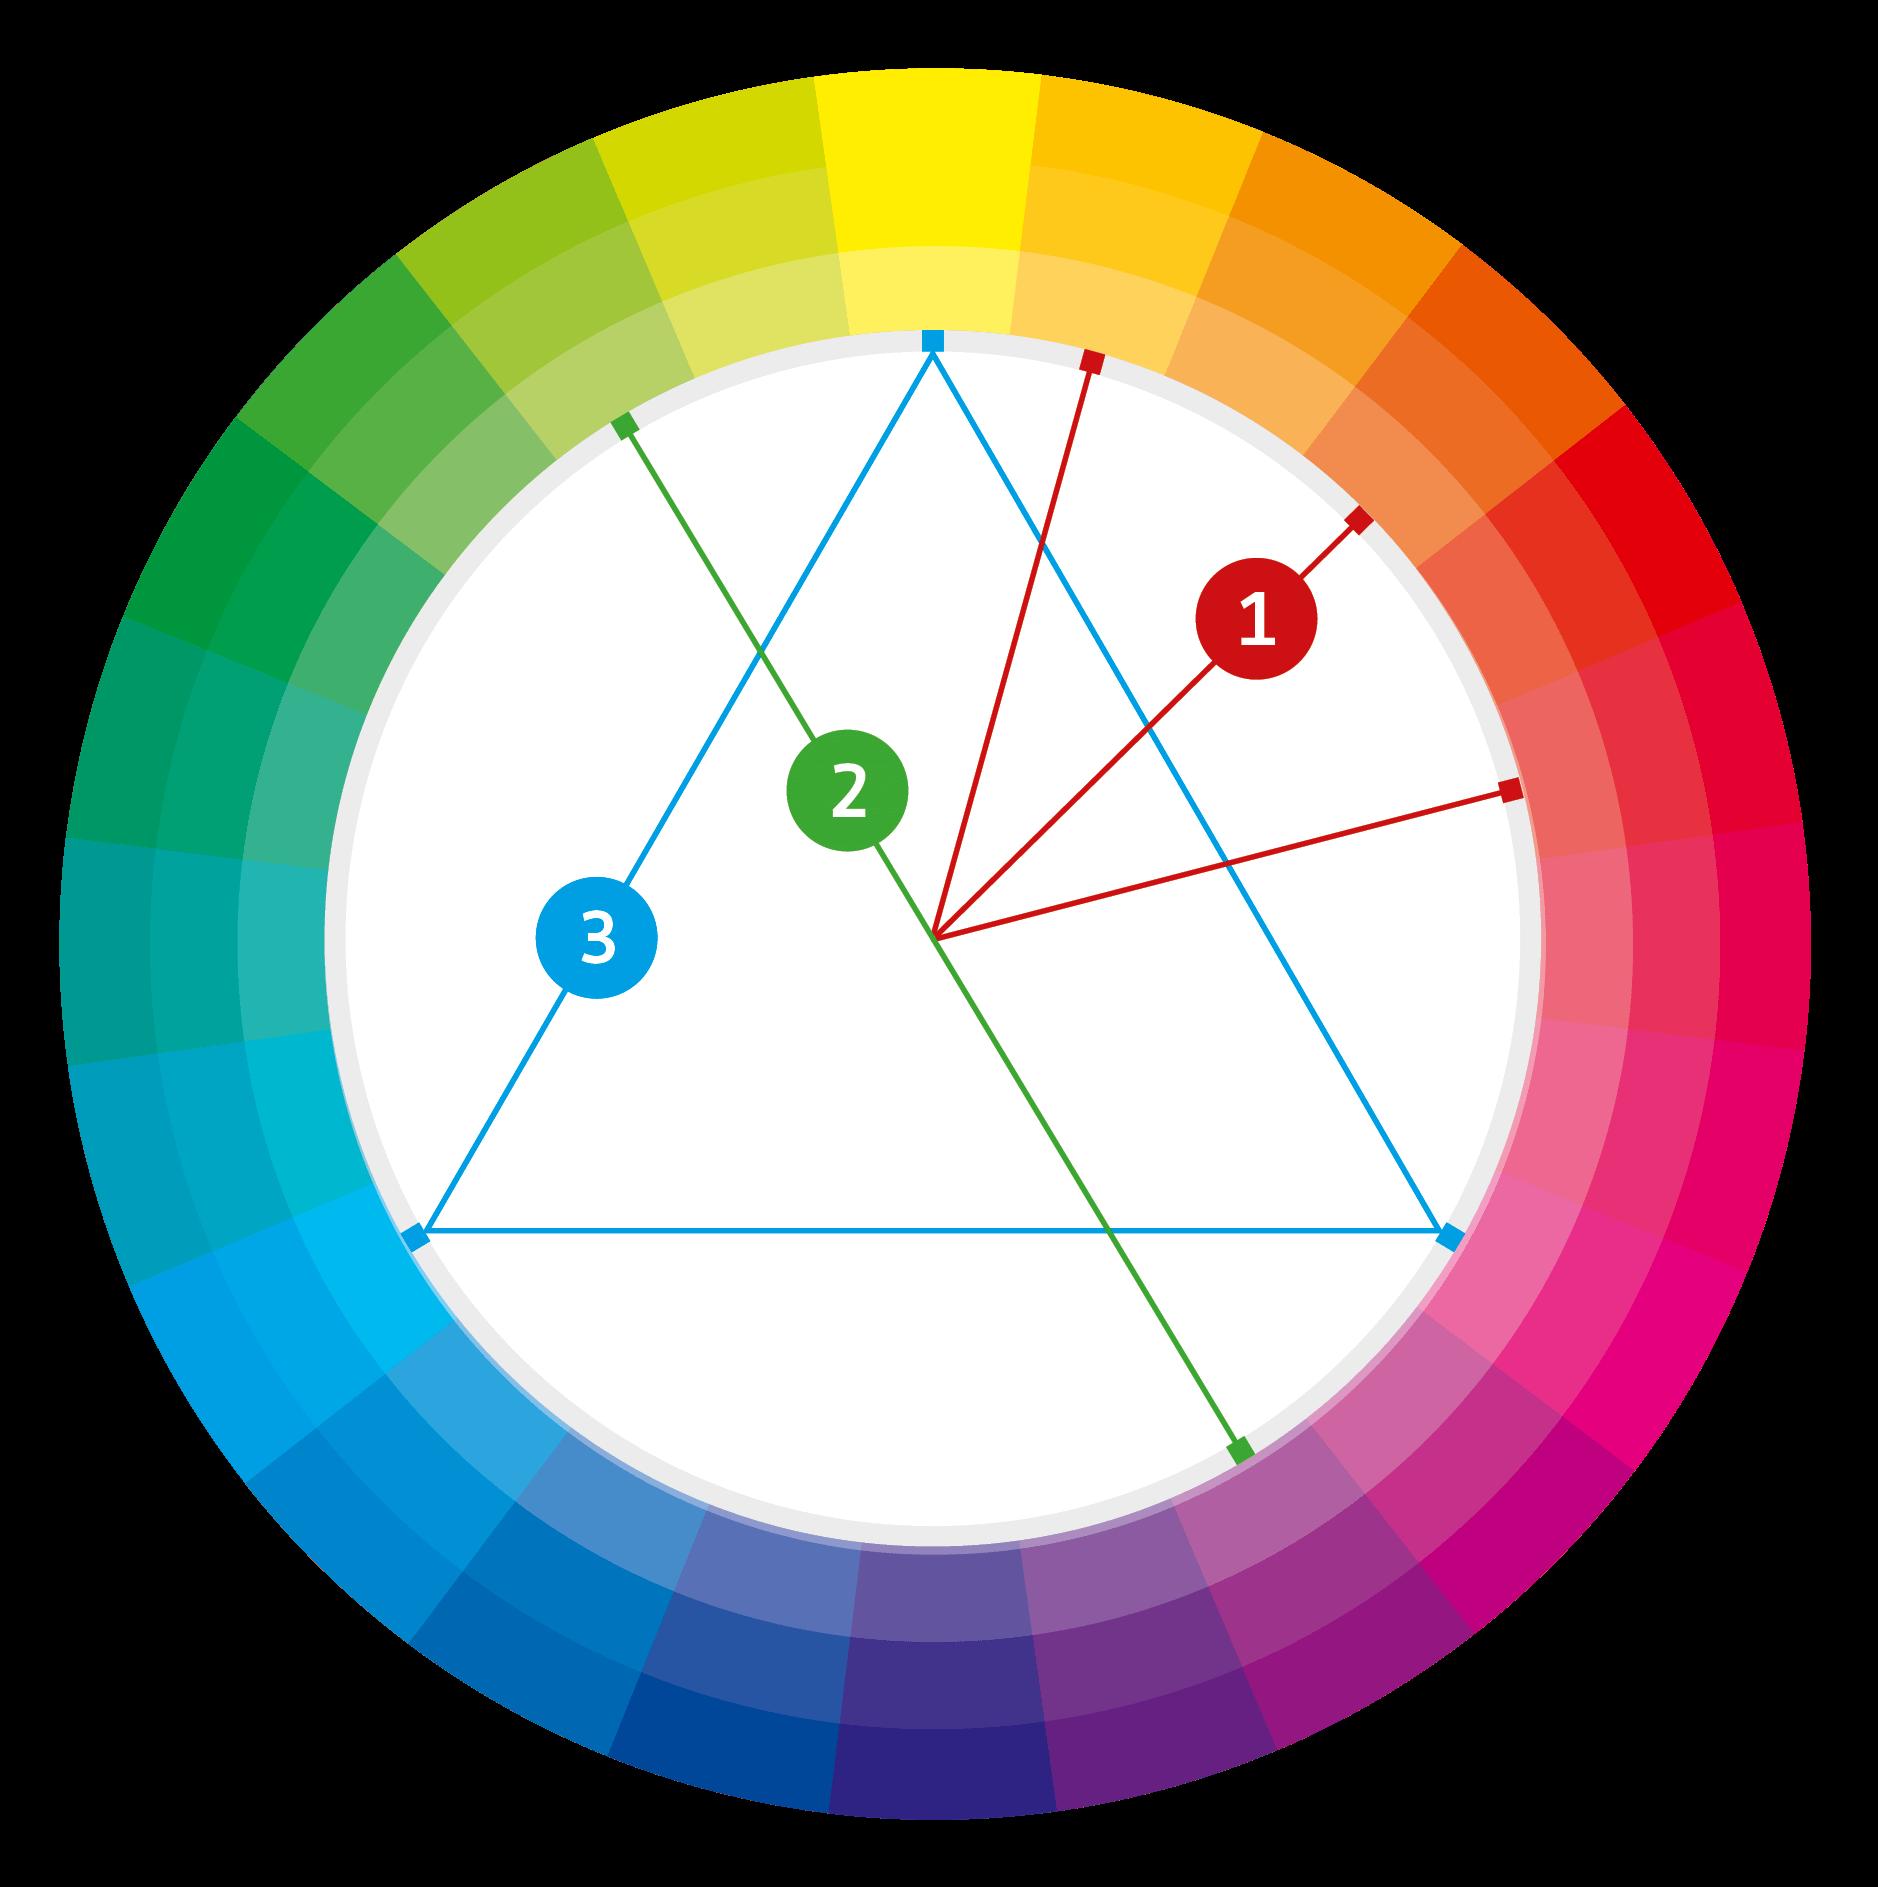 Kleine Farbenlehre Teil 3 Farben Anhand Des Farbkreises Bestimmen